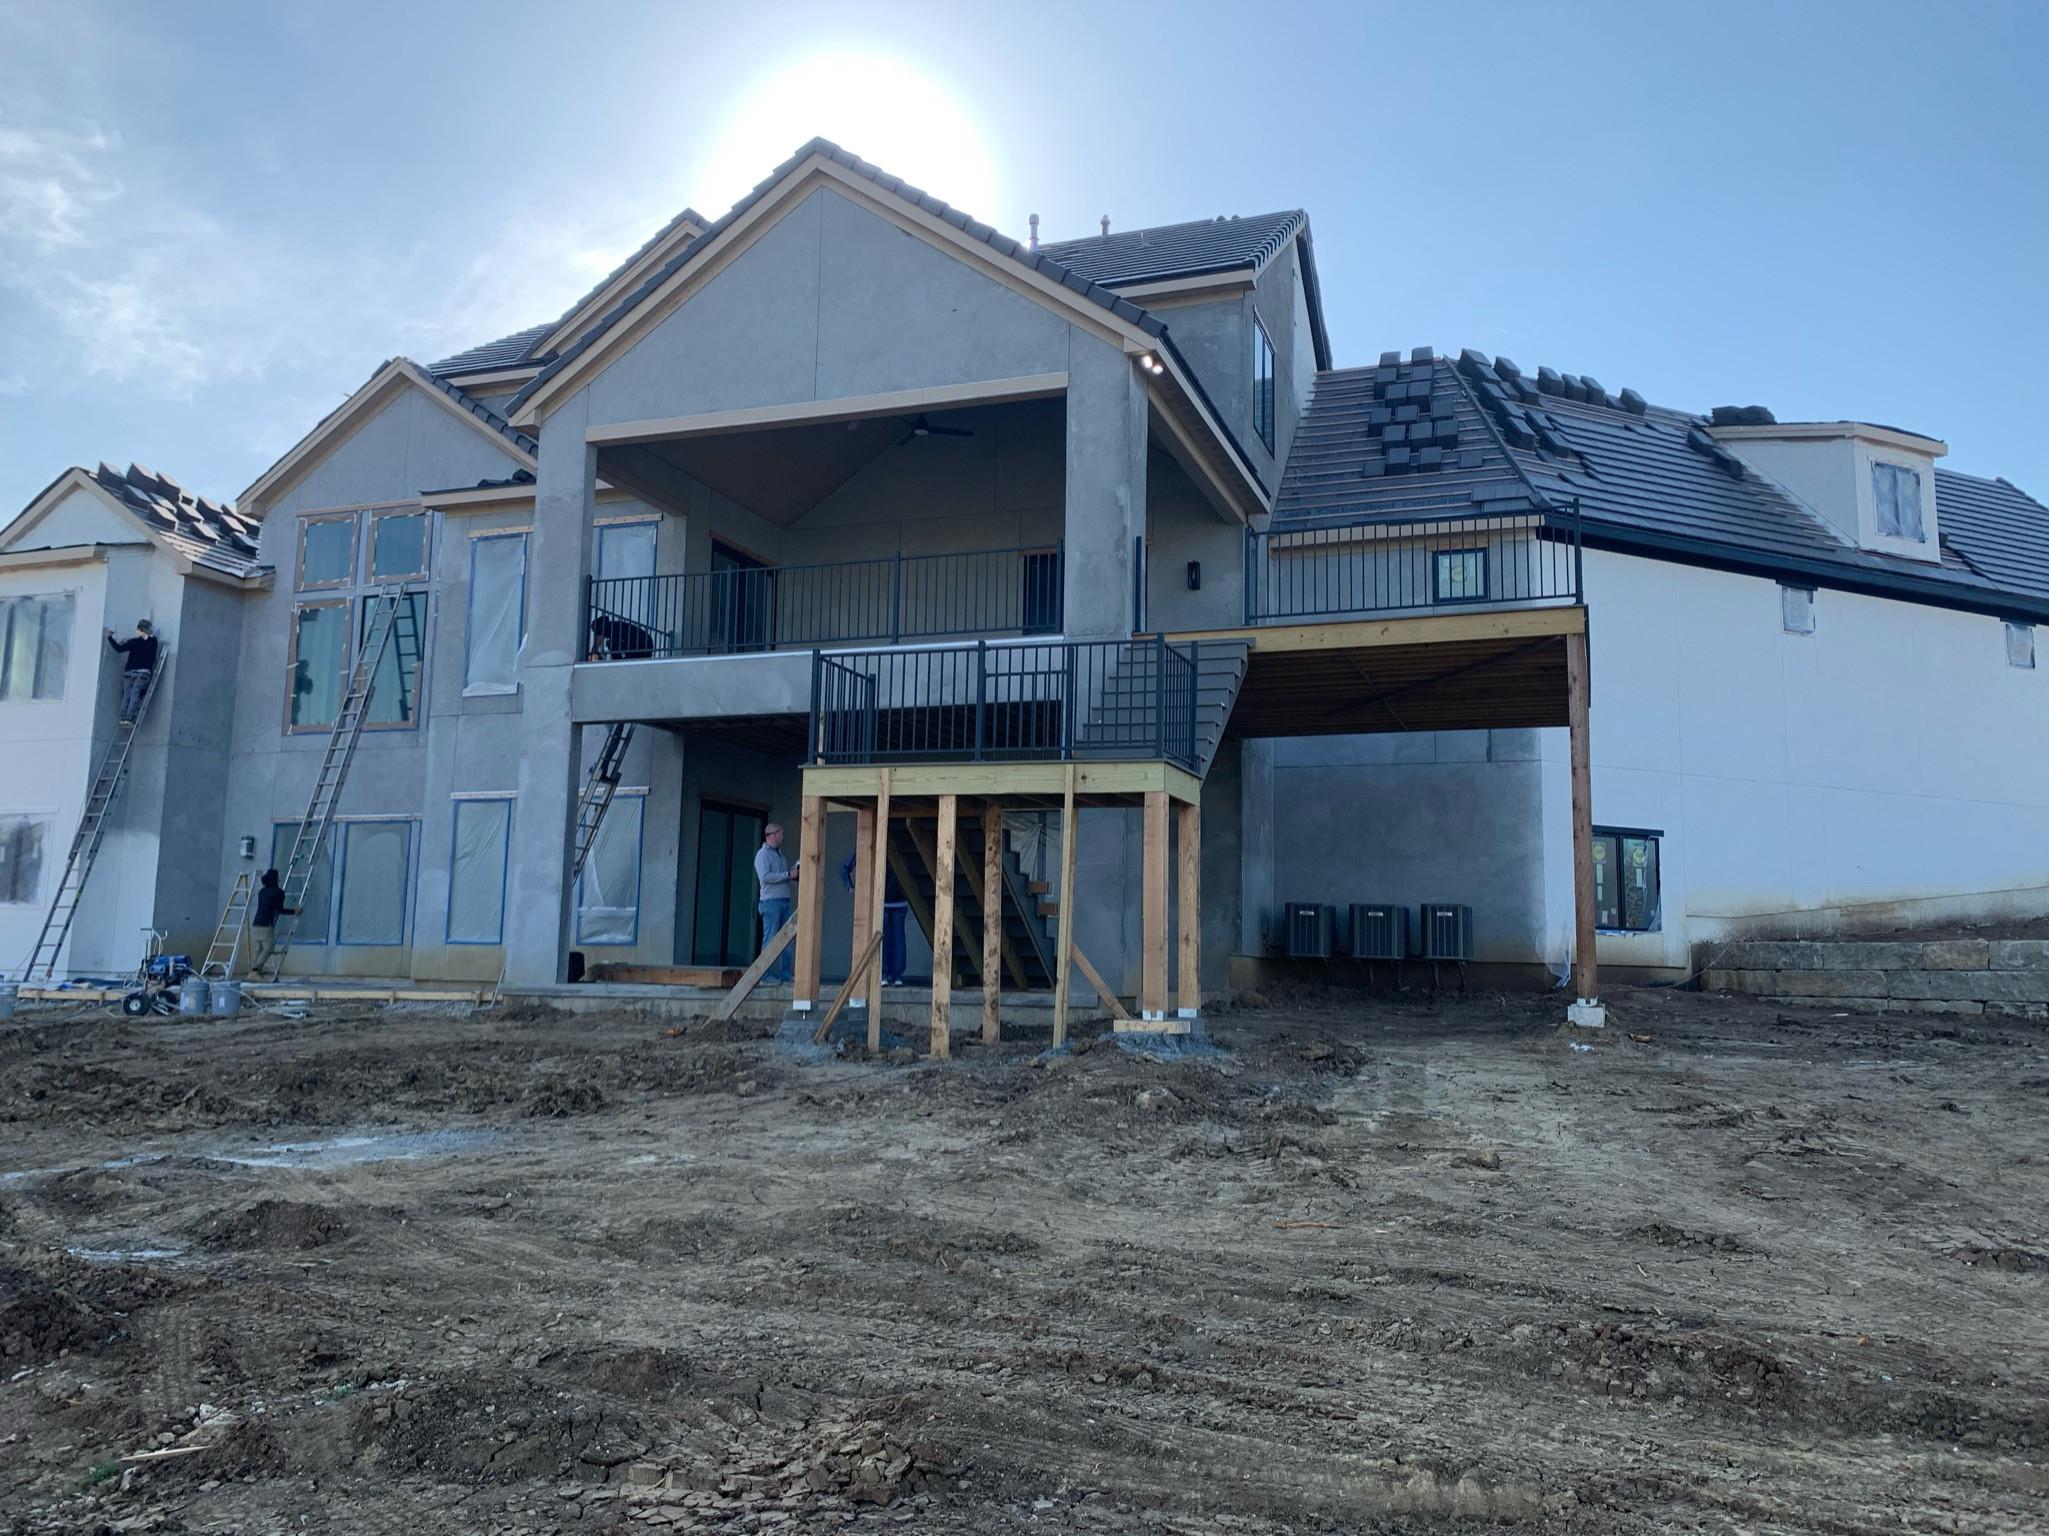 Mills Ranch 16920 Bond St. OP, KS 66221 Custom Build